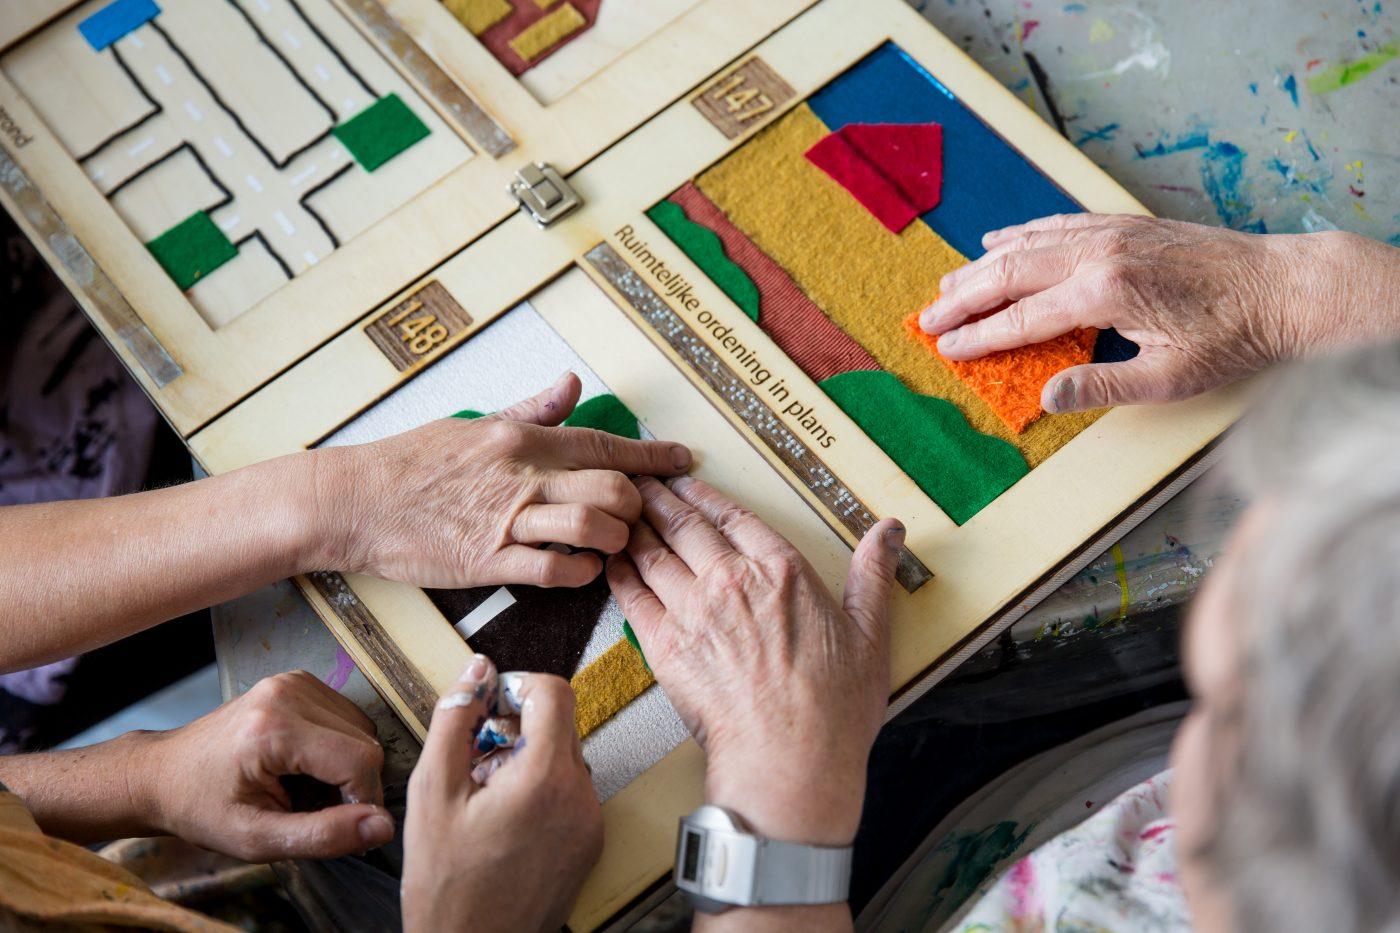 Impressie schilderles voor blinde mensen door Jofke bij Studio Xplo in Tilburg